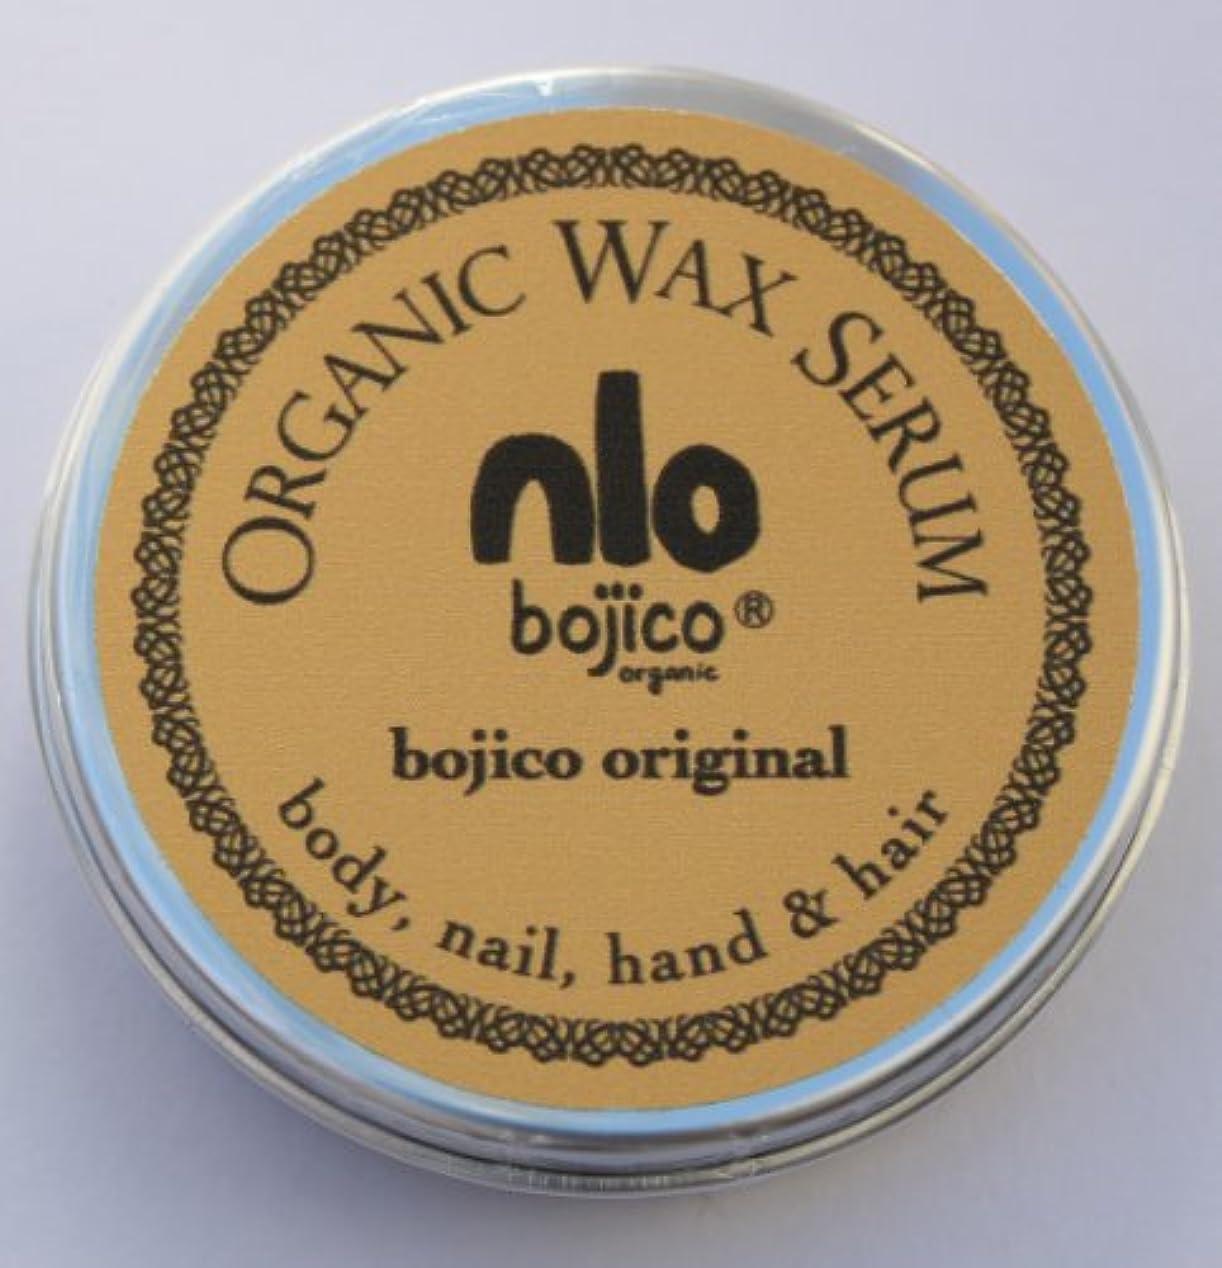 bojico オーガニック ワックス セラム<オリジナル> Organic Wax Serum 18g